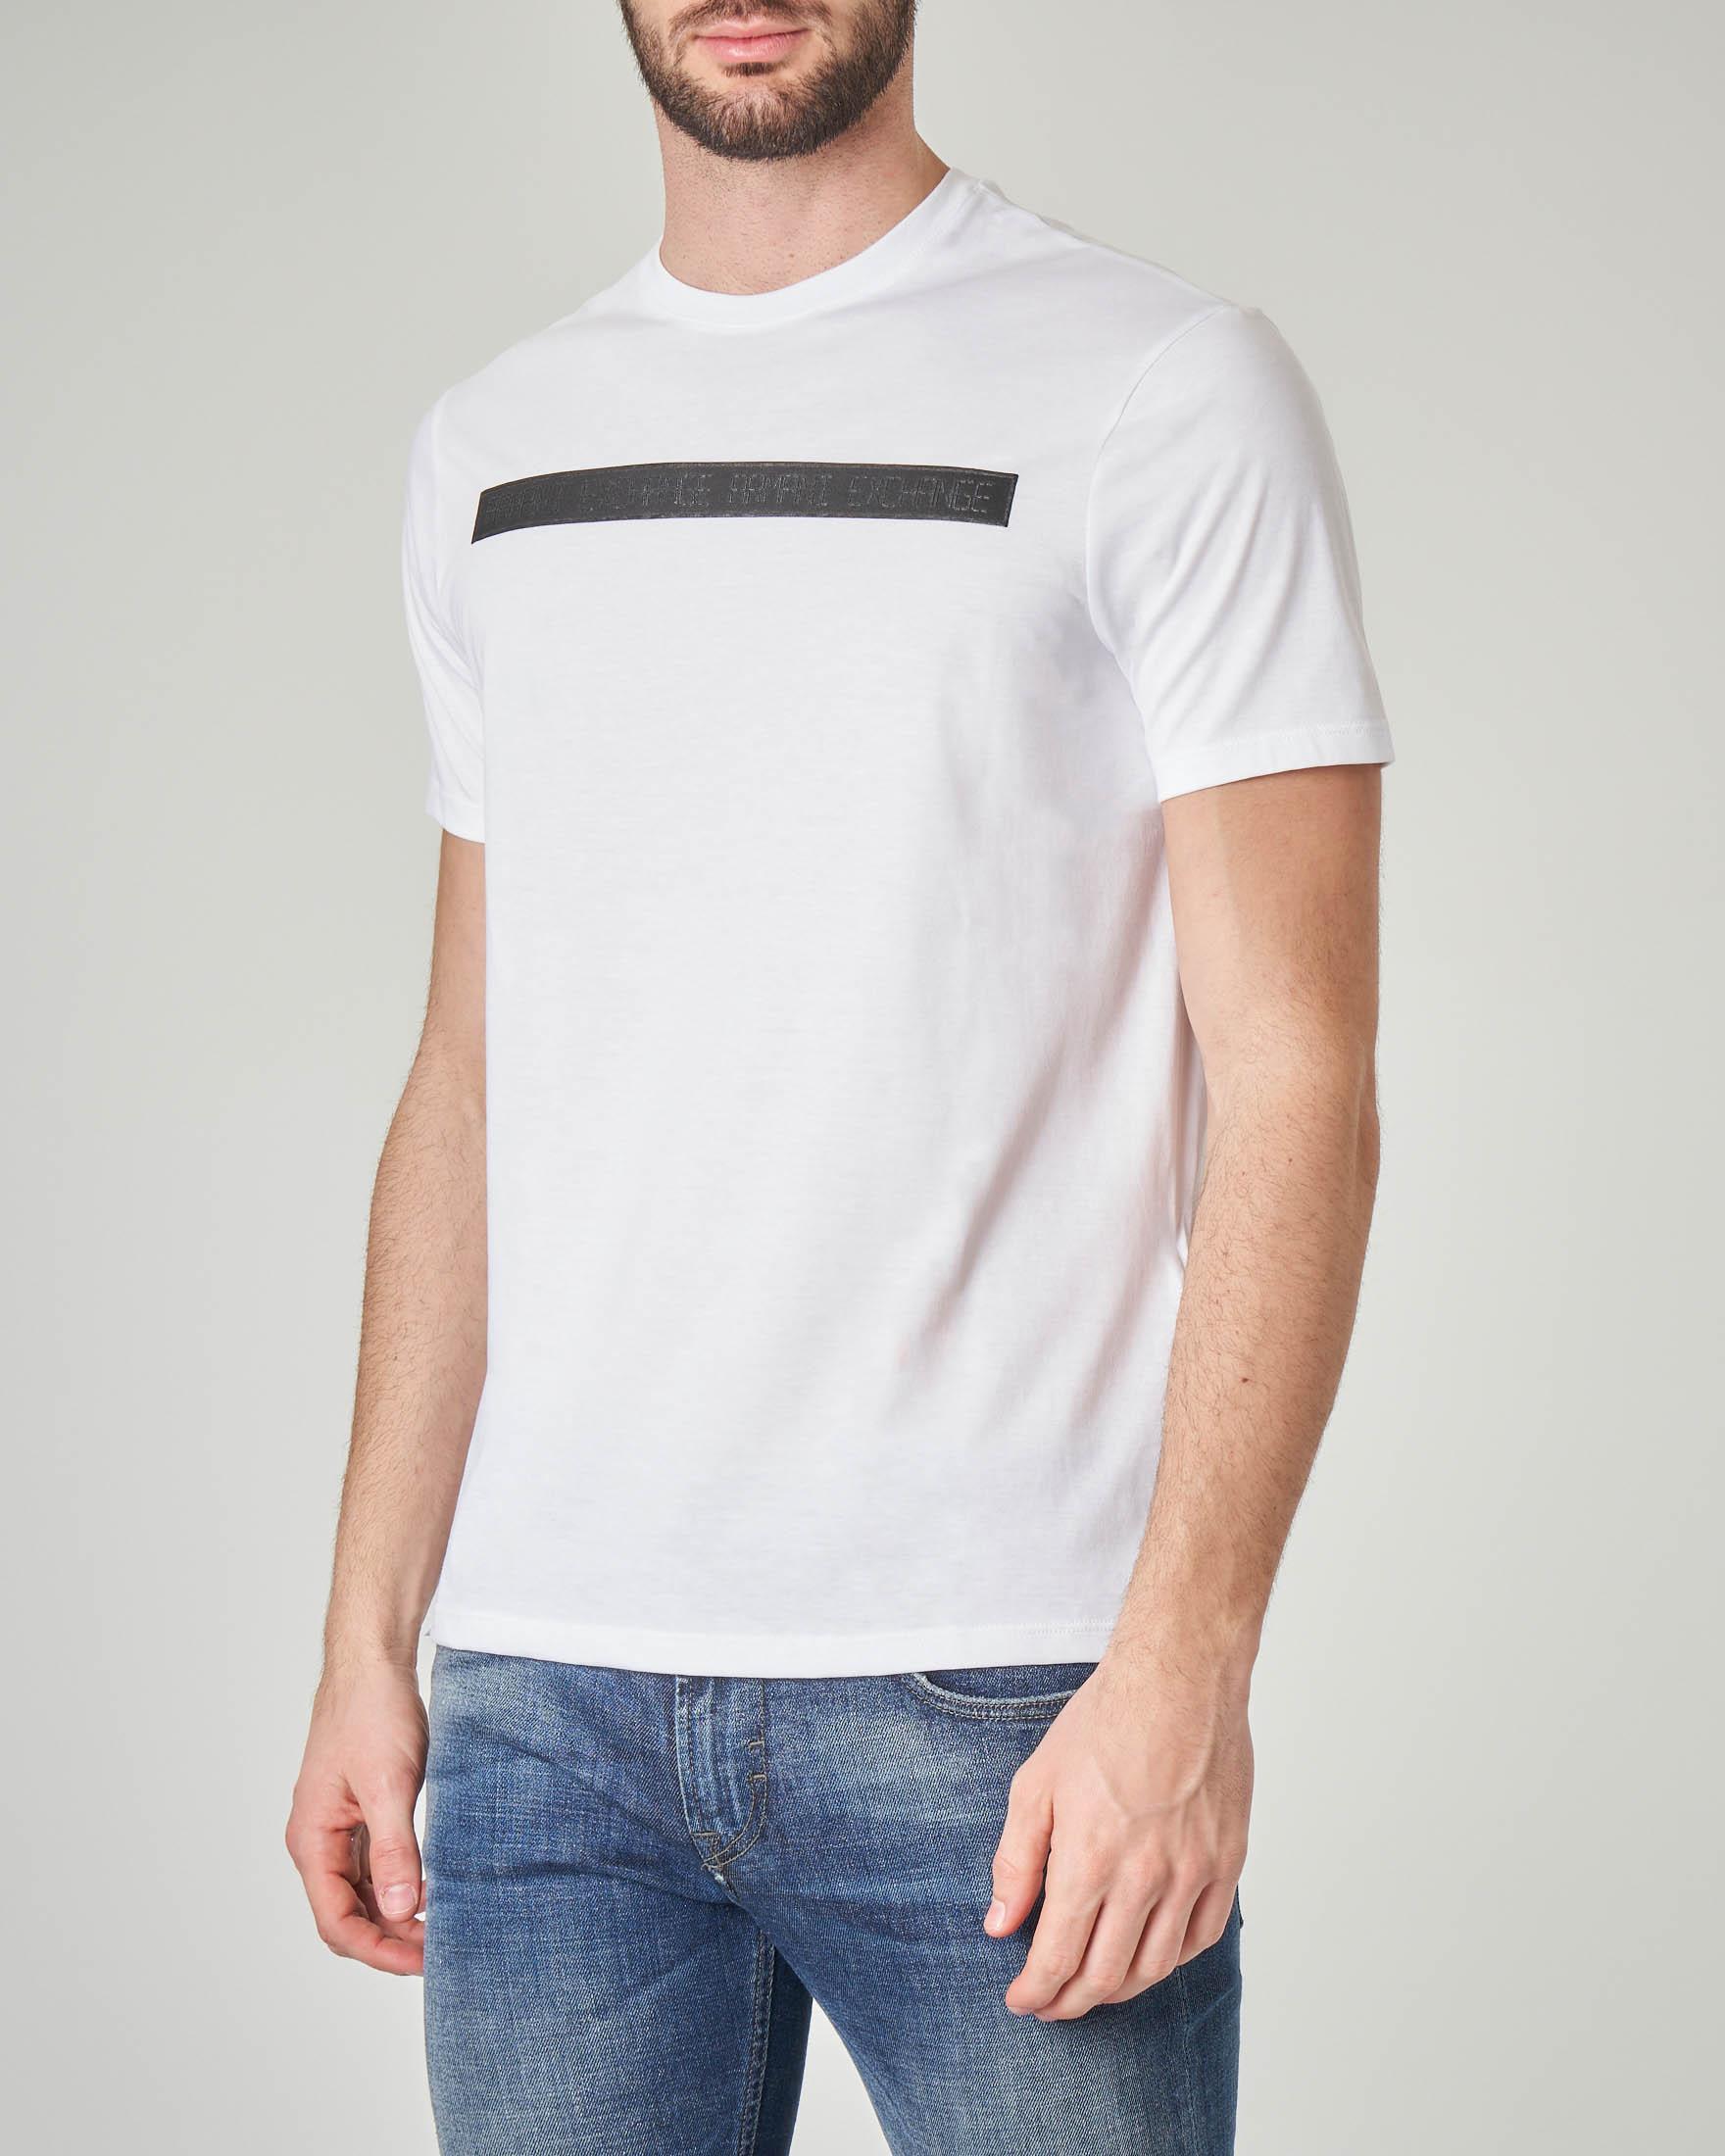 T-shirt bianca con fascia logata e finto scontrino cucito